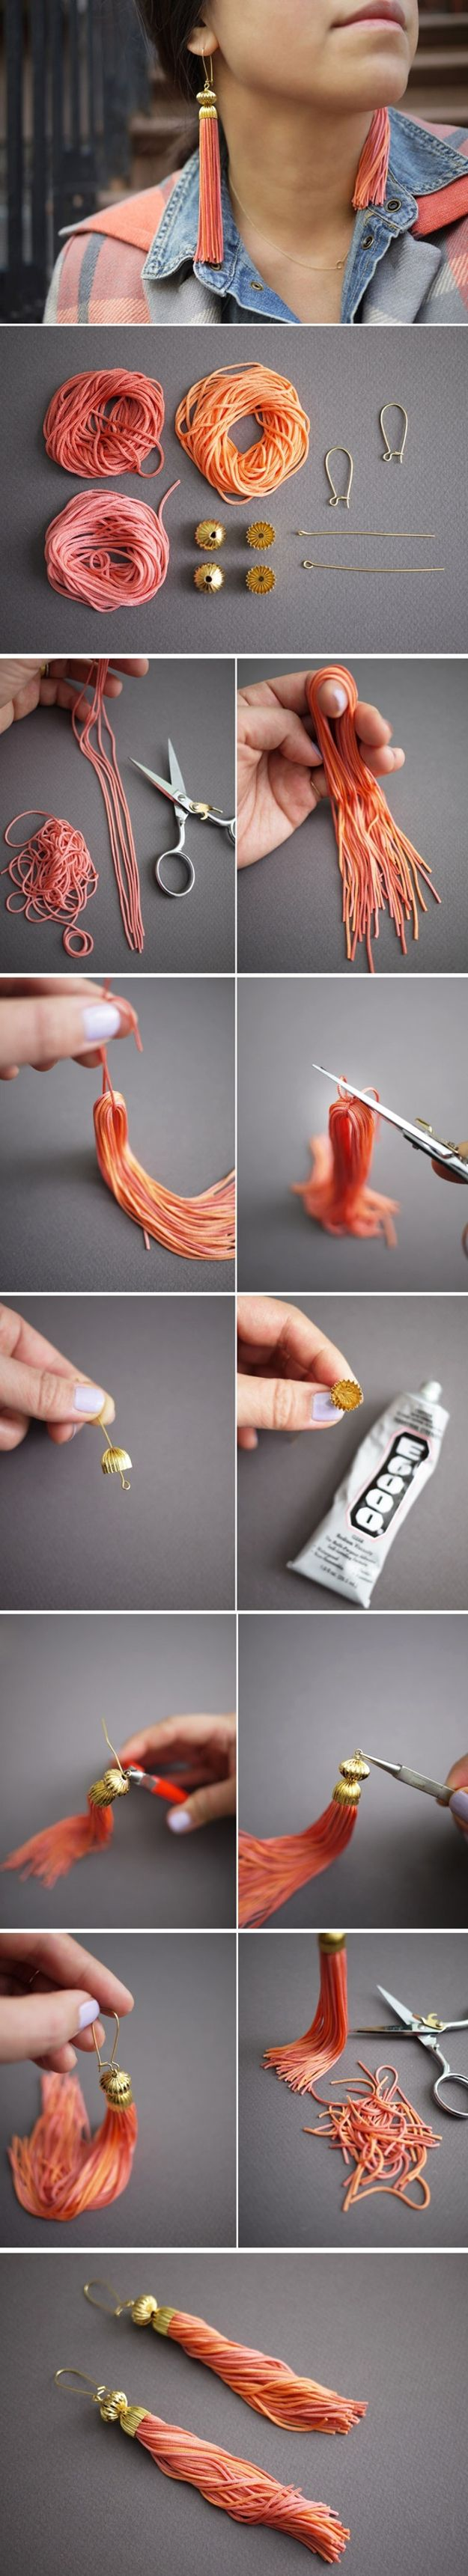 How to Make Tassel Earrings   A really cool step by step guide to make these amazing tassel earrings. #DiyReady www.diyready.com